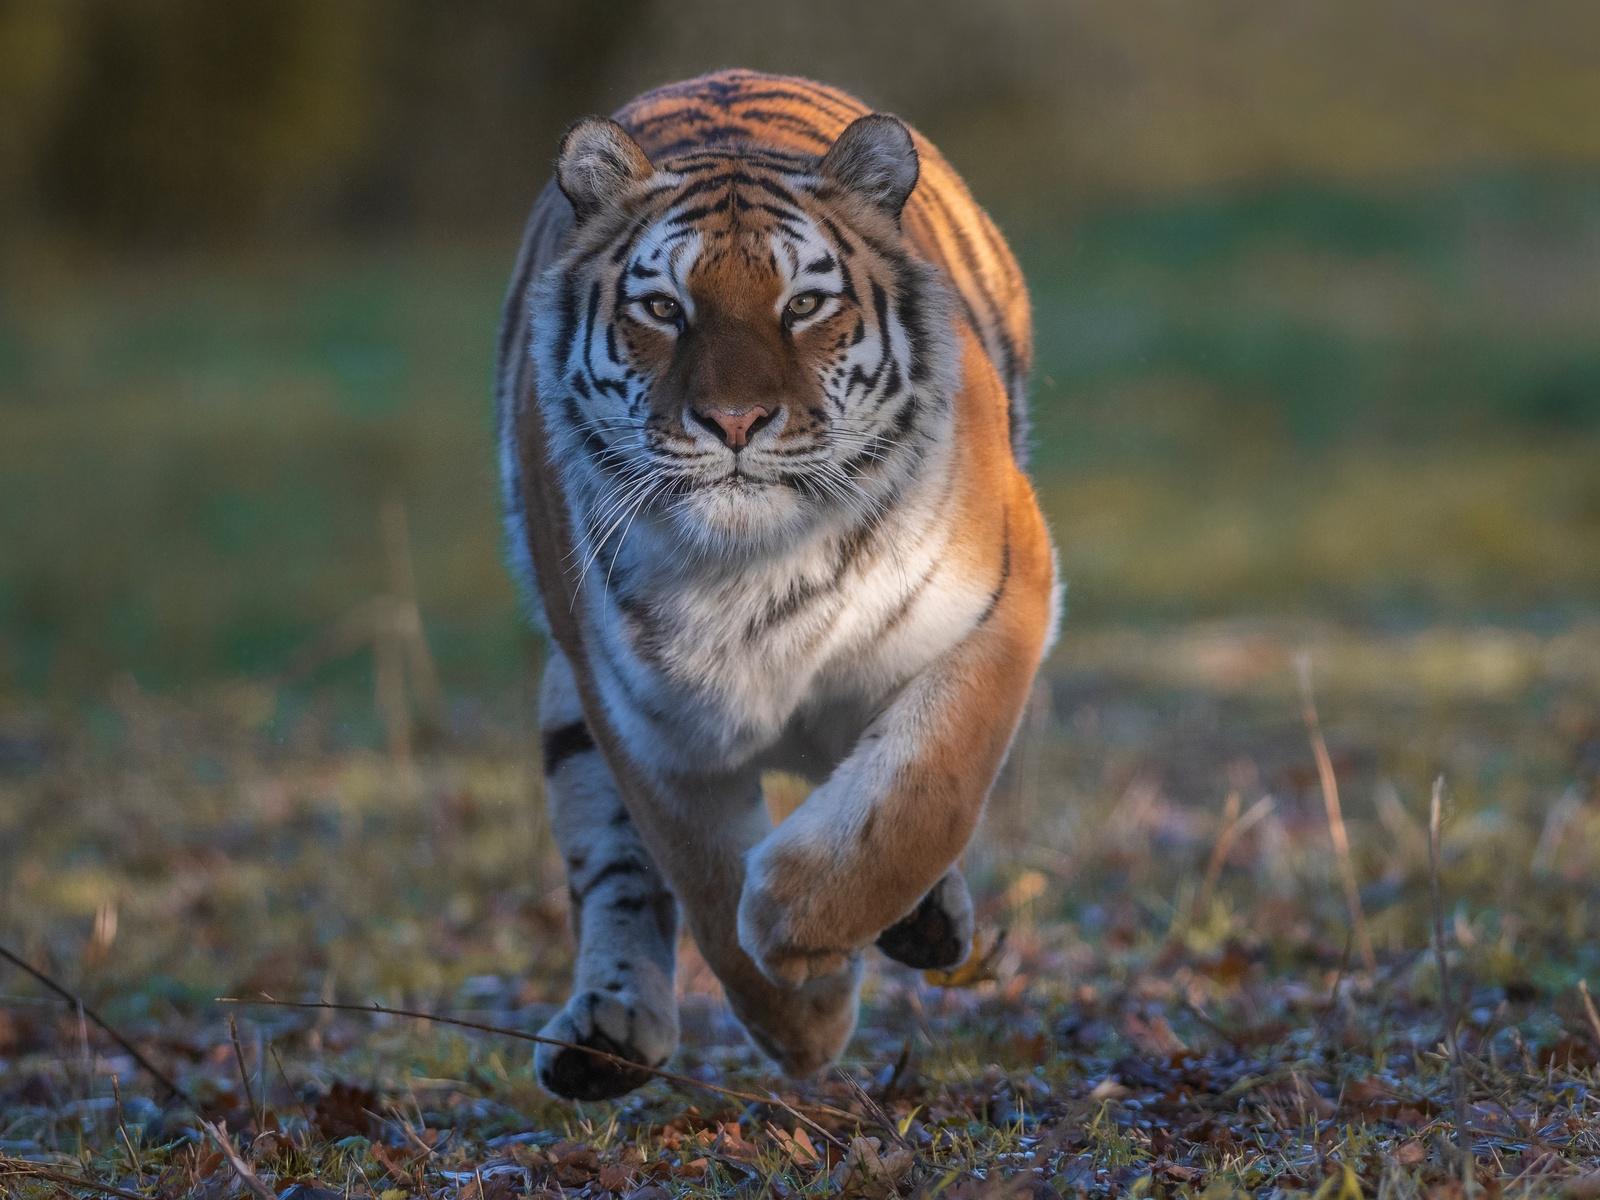 тигры, бег, взгляд, животные